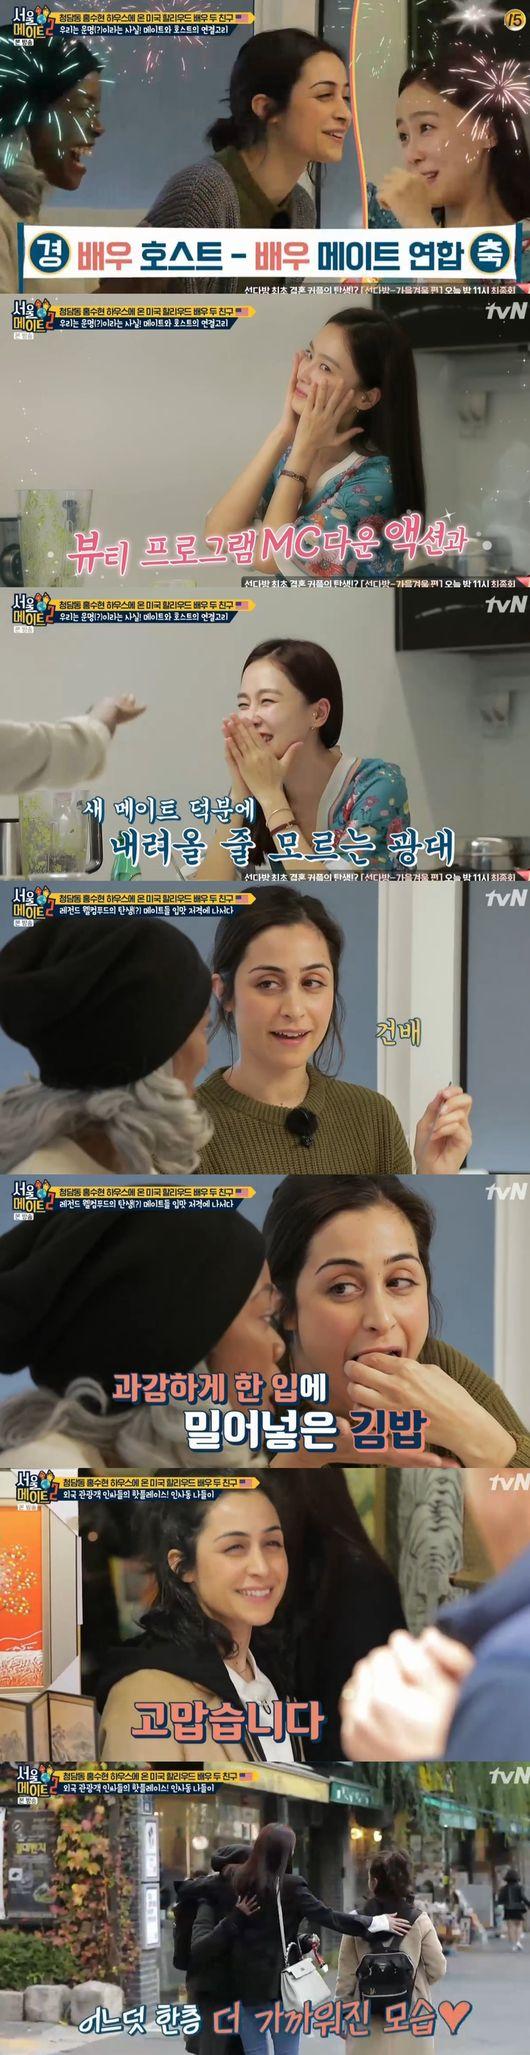 서울메이트2 홍수현, 美 여배우들과 인사동에서 흥 넘치는 시간[종합]